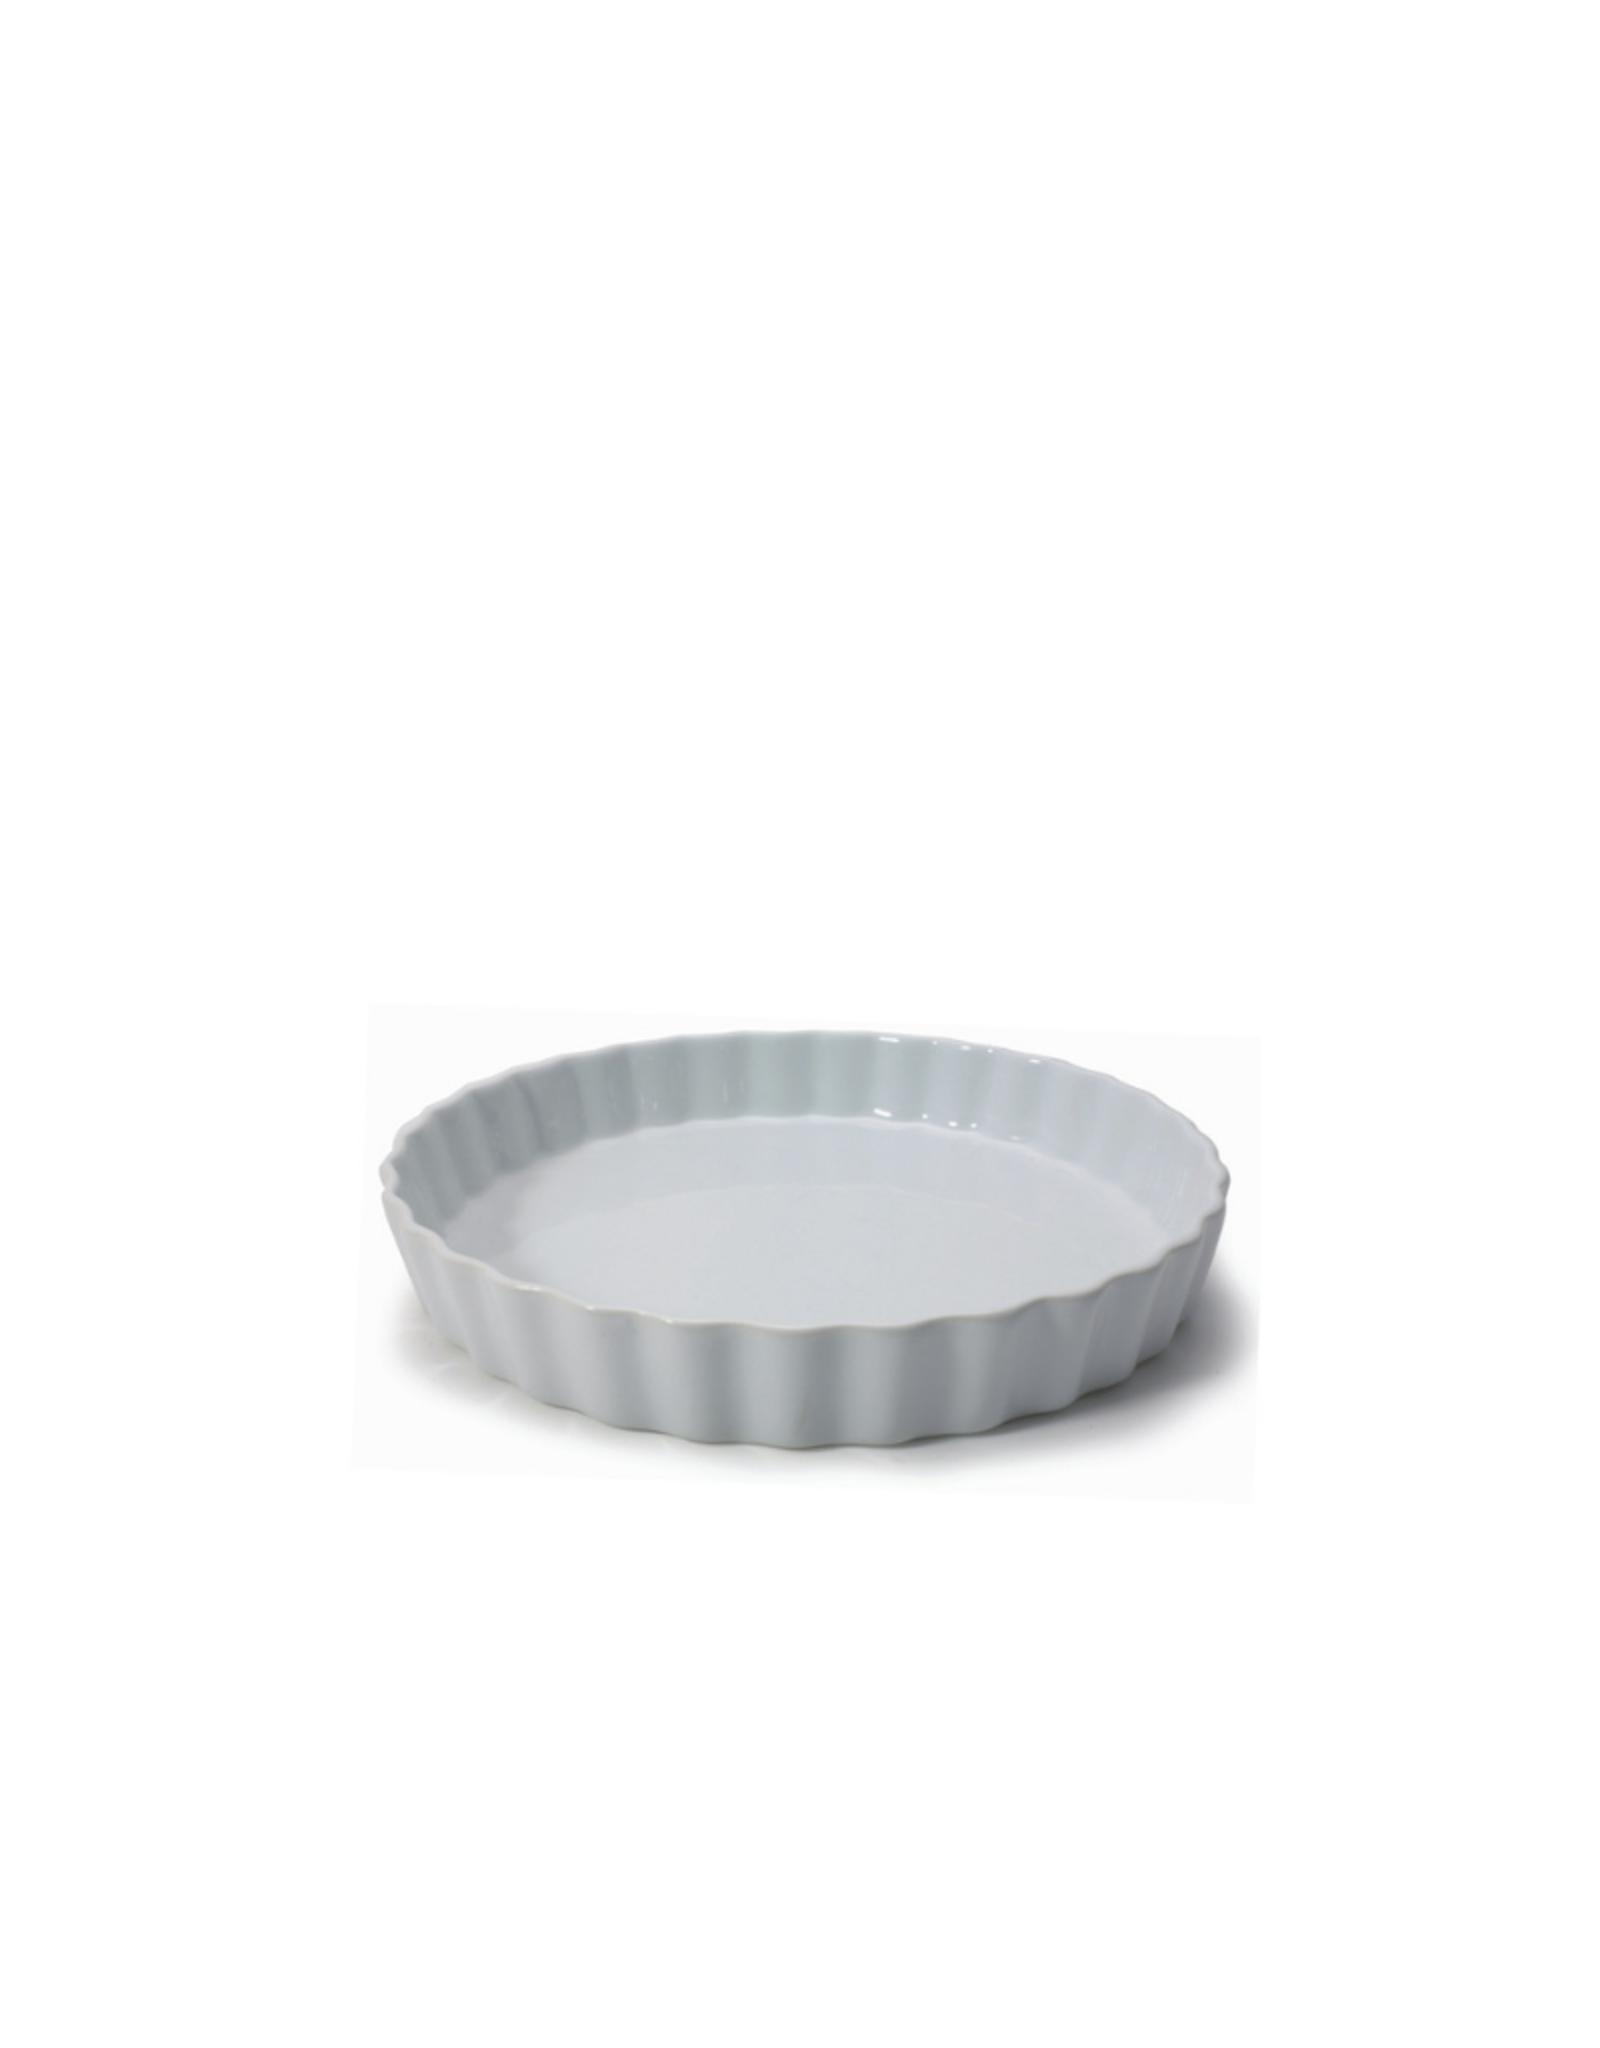 Danesco Moule à quiche en porcelaine blanche